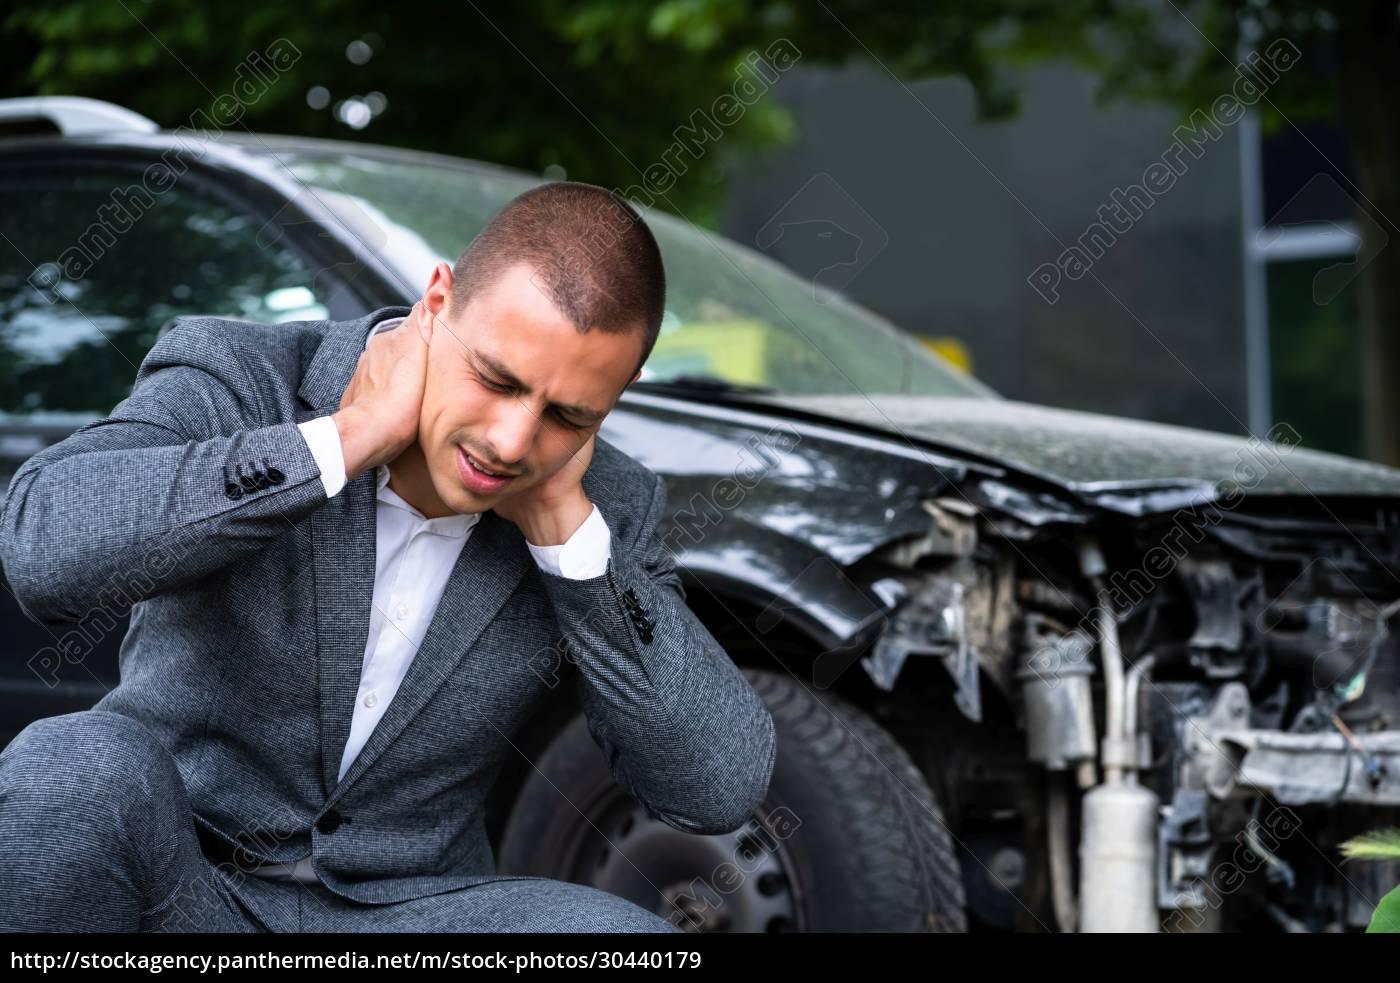 autoverletzung, schleudertrauma - 30440179